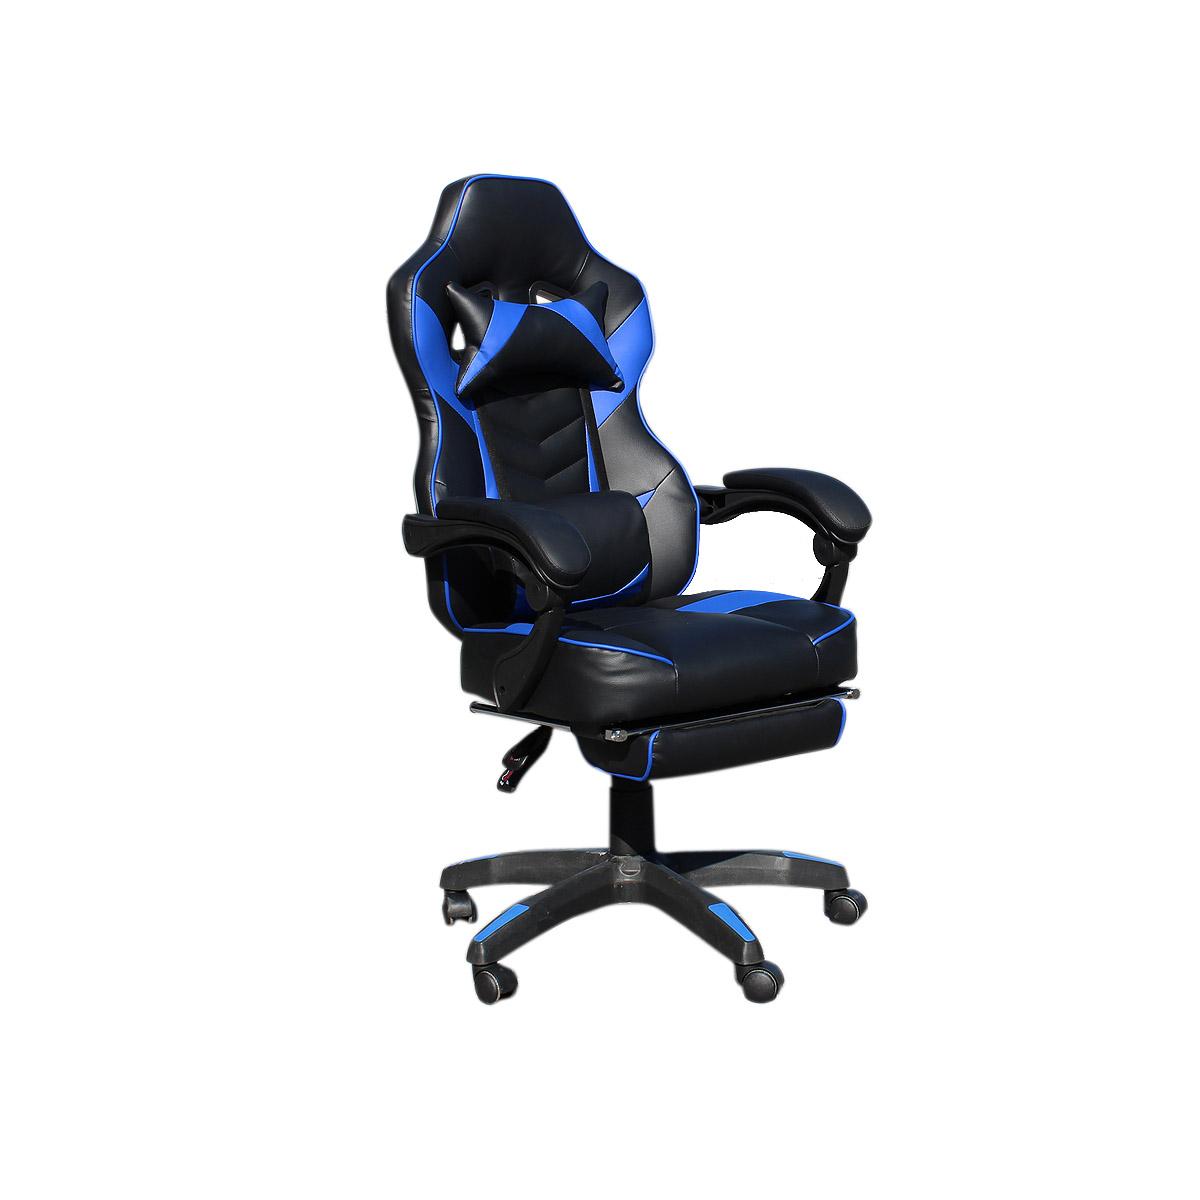 """Πολυθρόνα """"GAMING"""" με μαξιλάρι από PU/PVC σε χρώμα μαύρο/μπλε 62x62x112/122"""